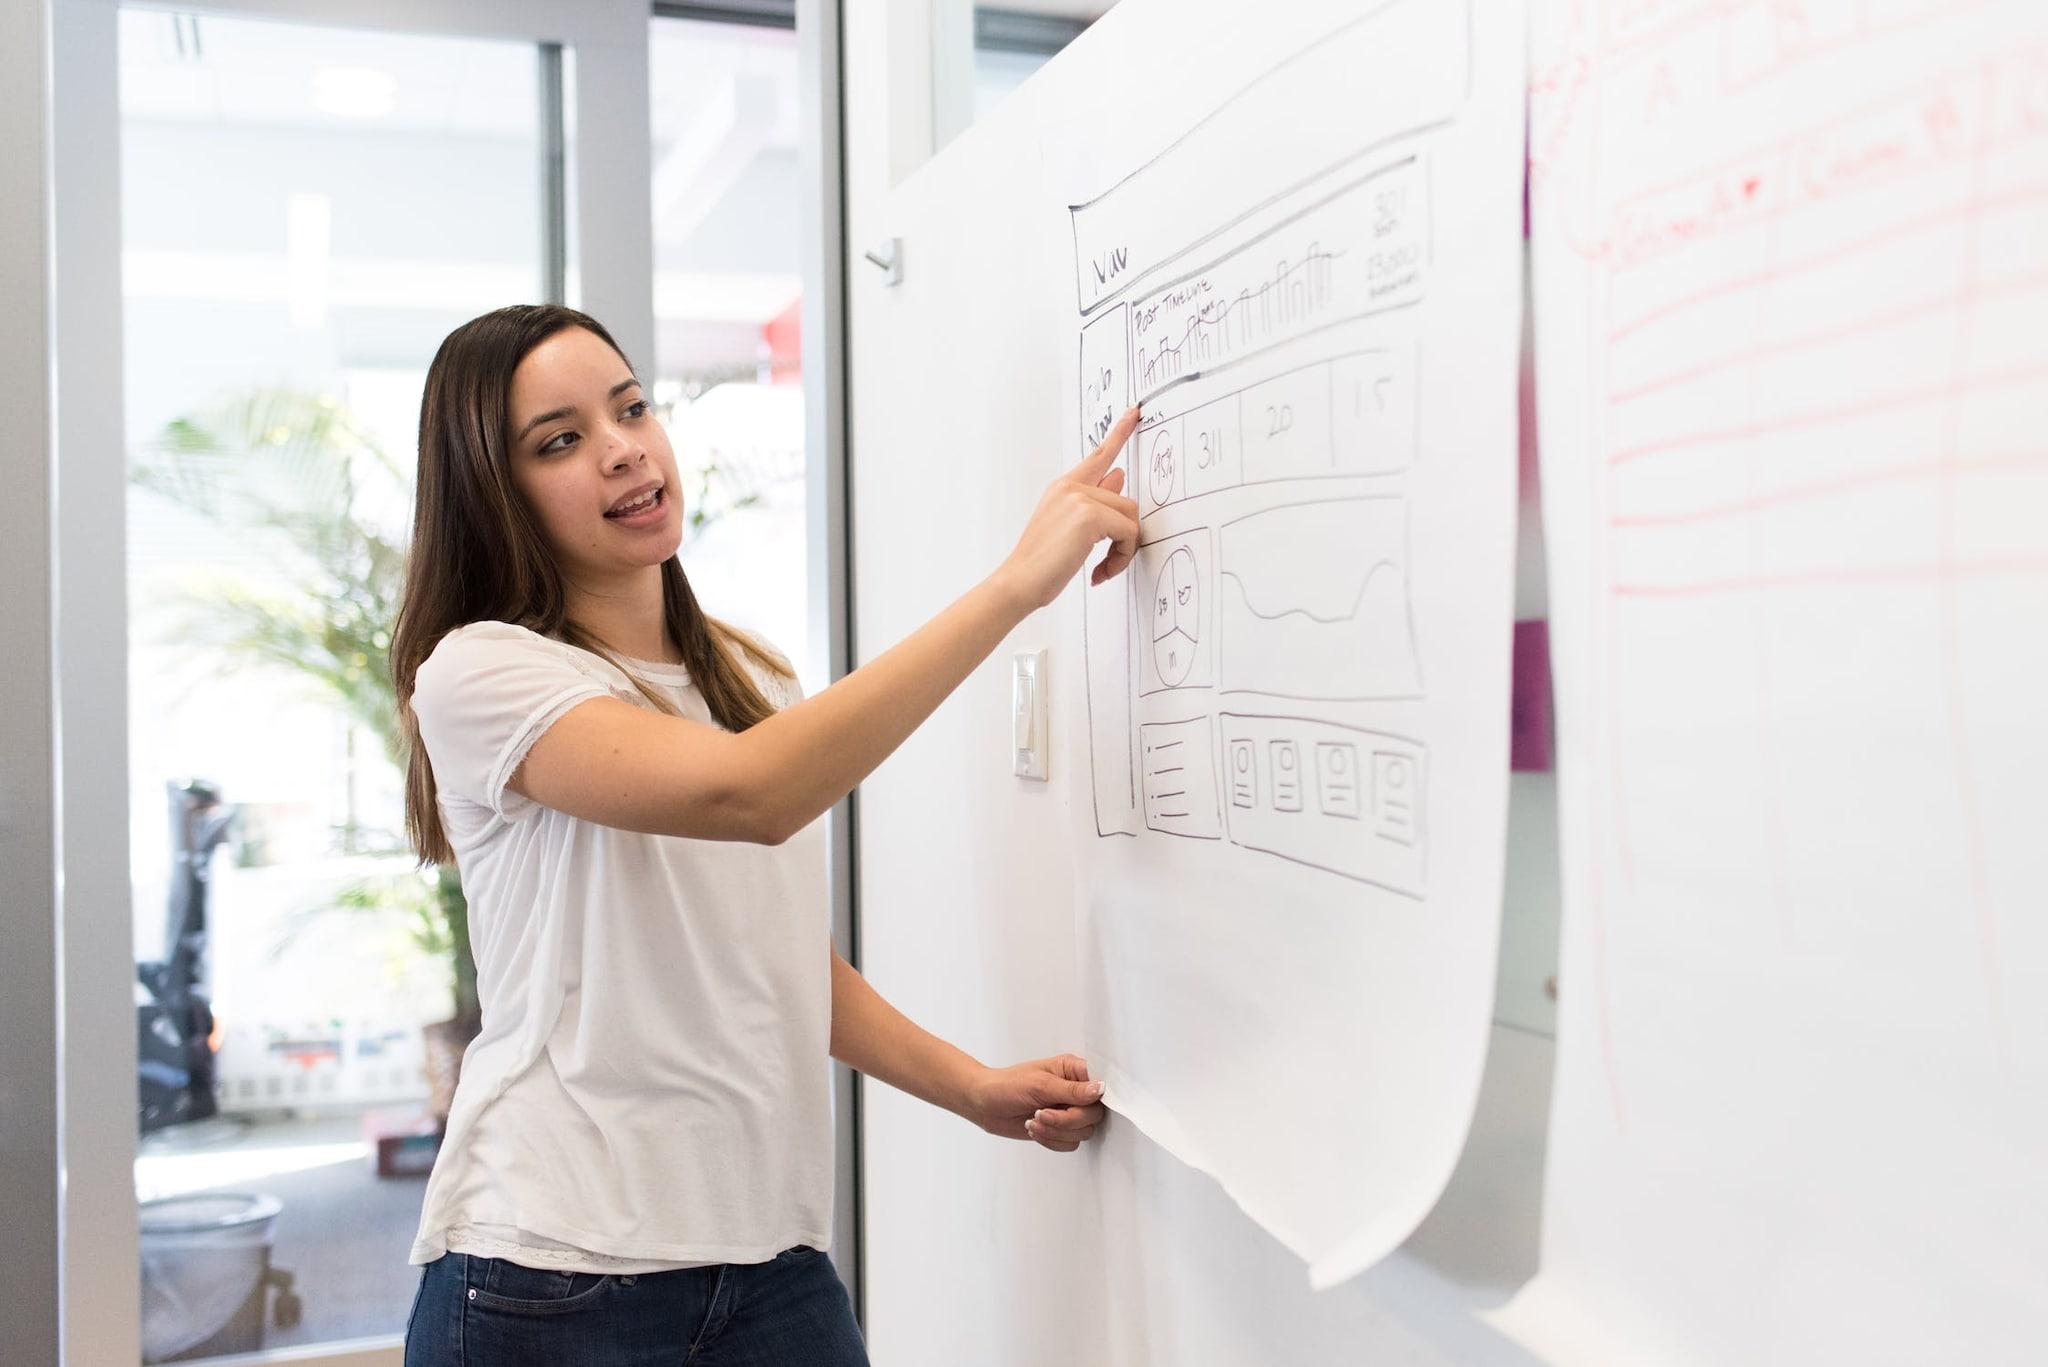 अनेकदा पुरुषांना नोकरीत तणाव असेल तरी ते ती लगेच सोडत नाही, उलट महिला नोकरी मनाप्रमाणे नसेल तर लगेच दुसरी शोधायला सुरुवात करतात.